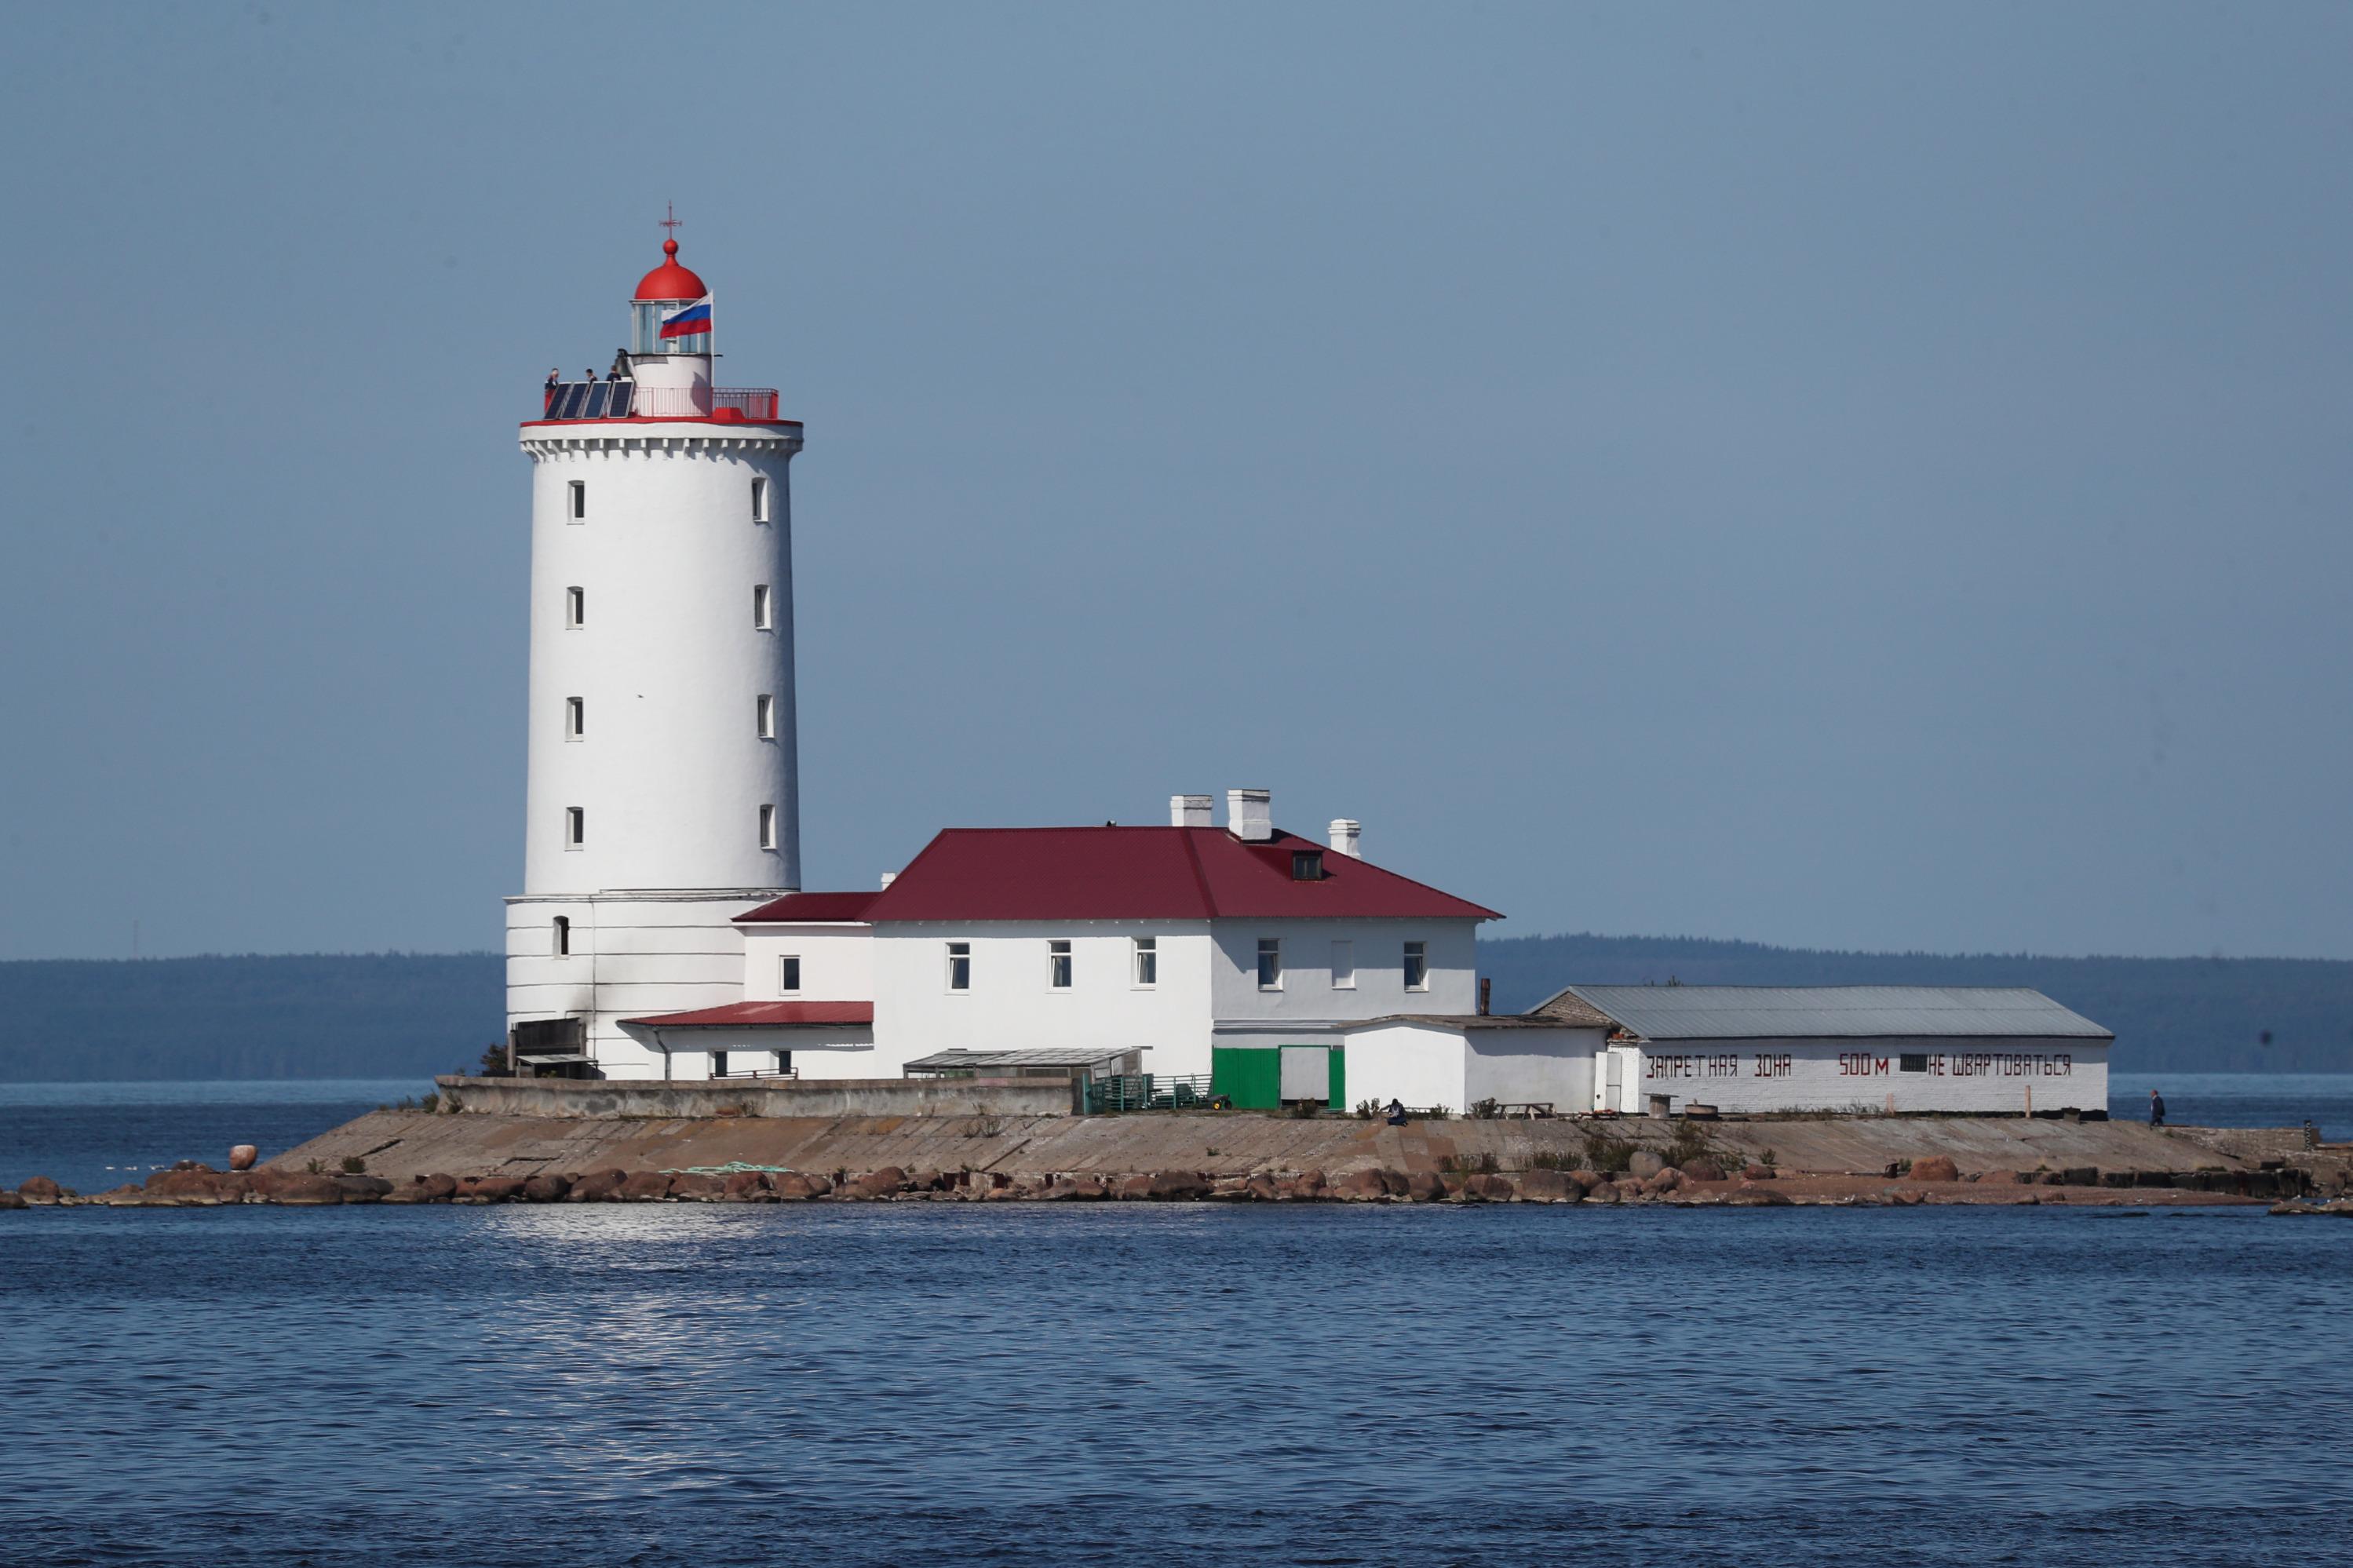 Куда приводят мечты. Спокойствие на маяке в Финском заливе оборвала семейная ссора с ножом